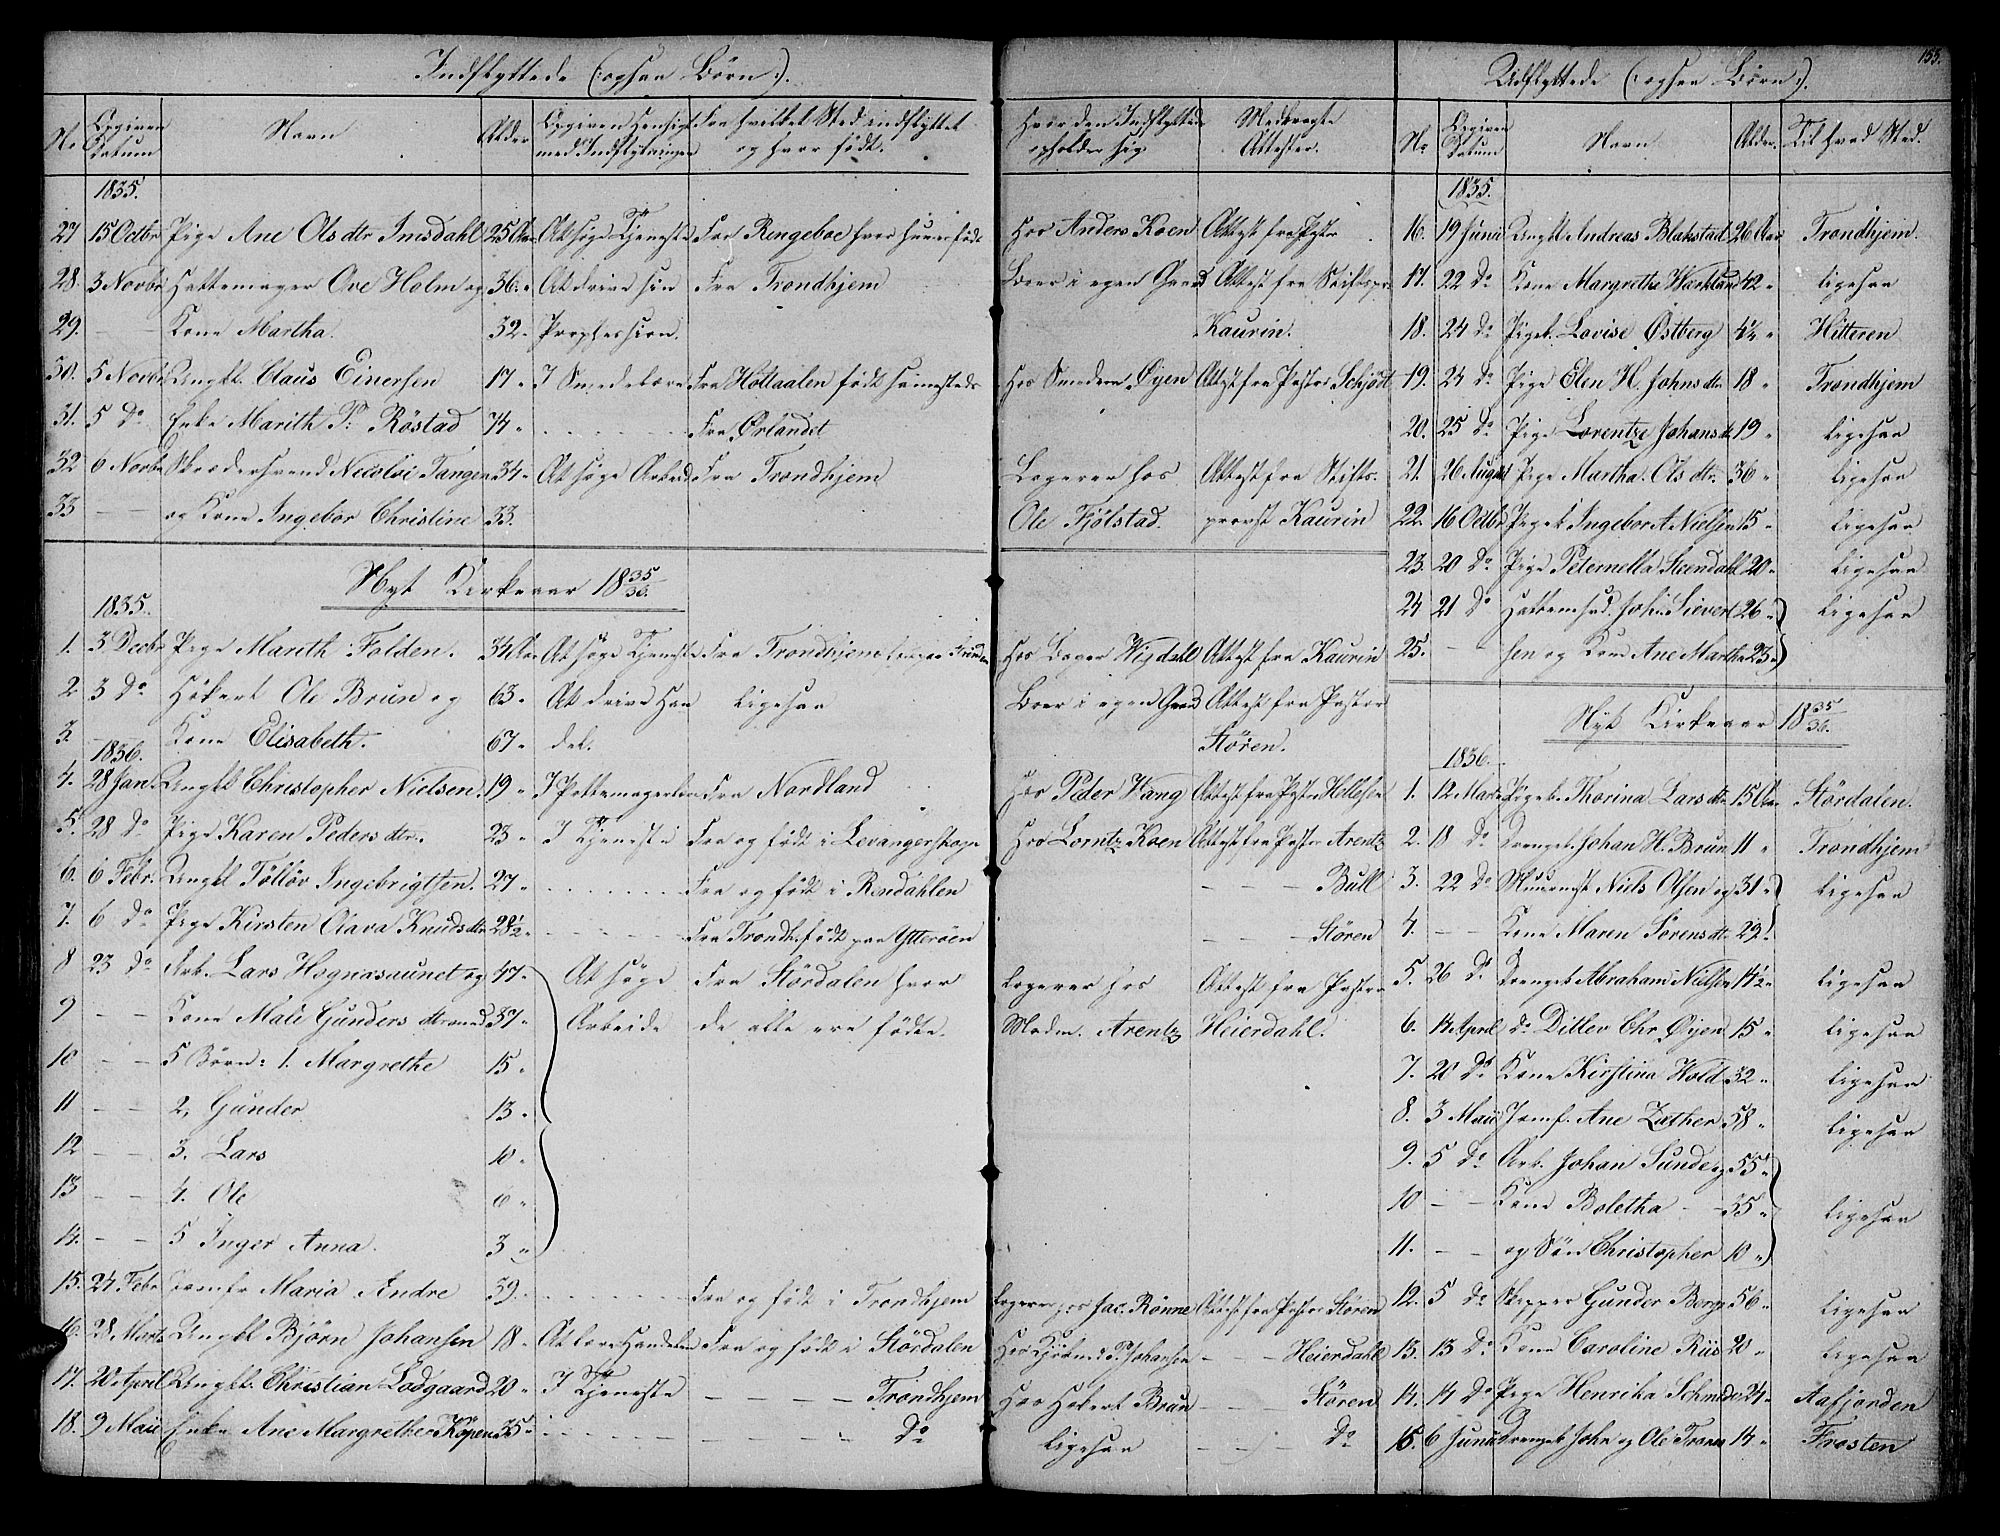 SAT, Ministerialprotokoller, klokkerbøker og fødselsregistre - Sør-Trøndelag, 604/L0182: Ministerialbok nr. 604A03, 1818-1850, s. 153